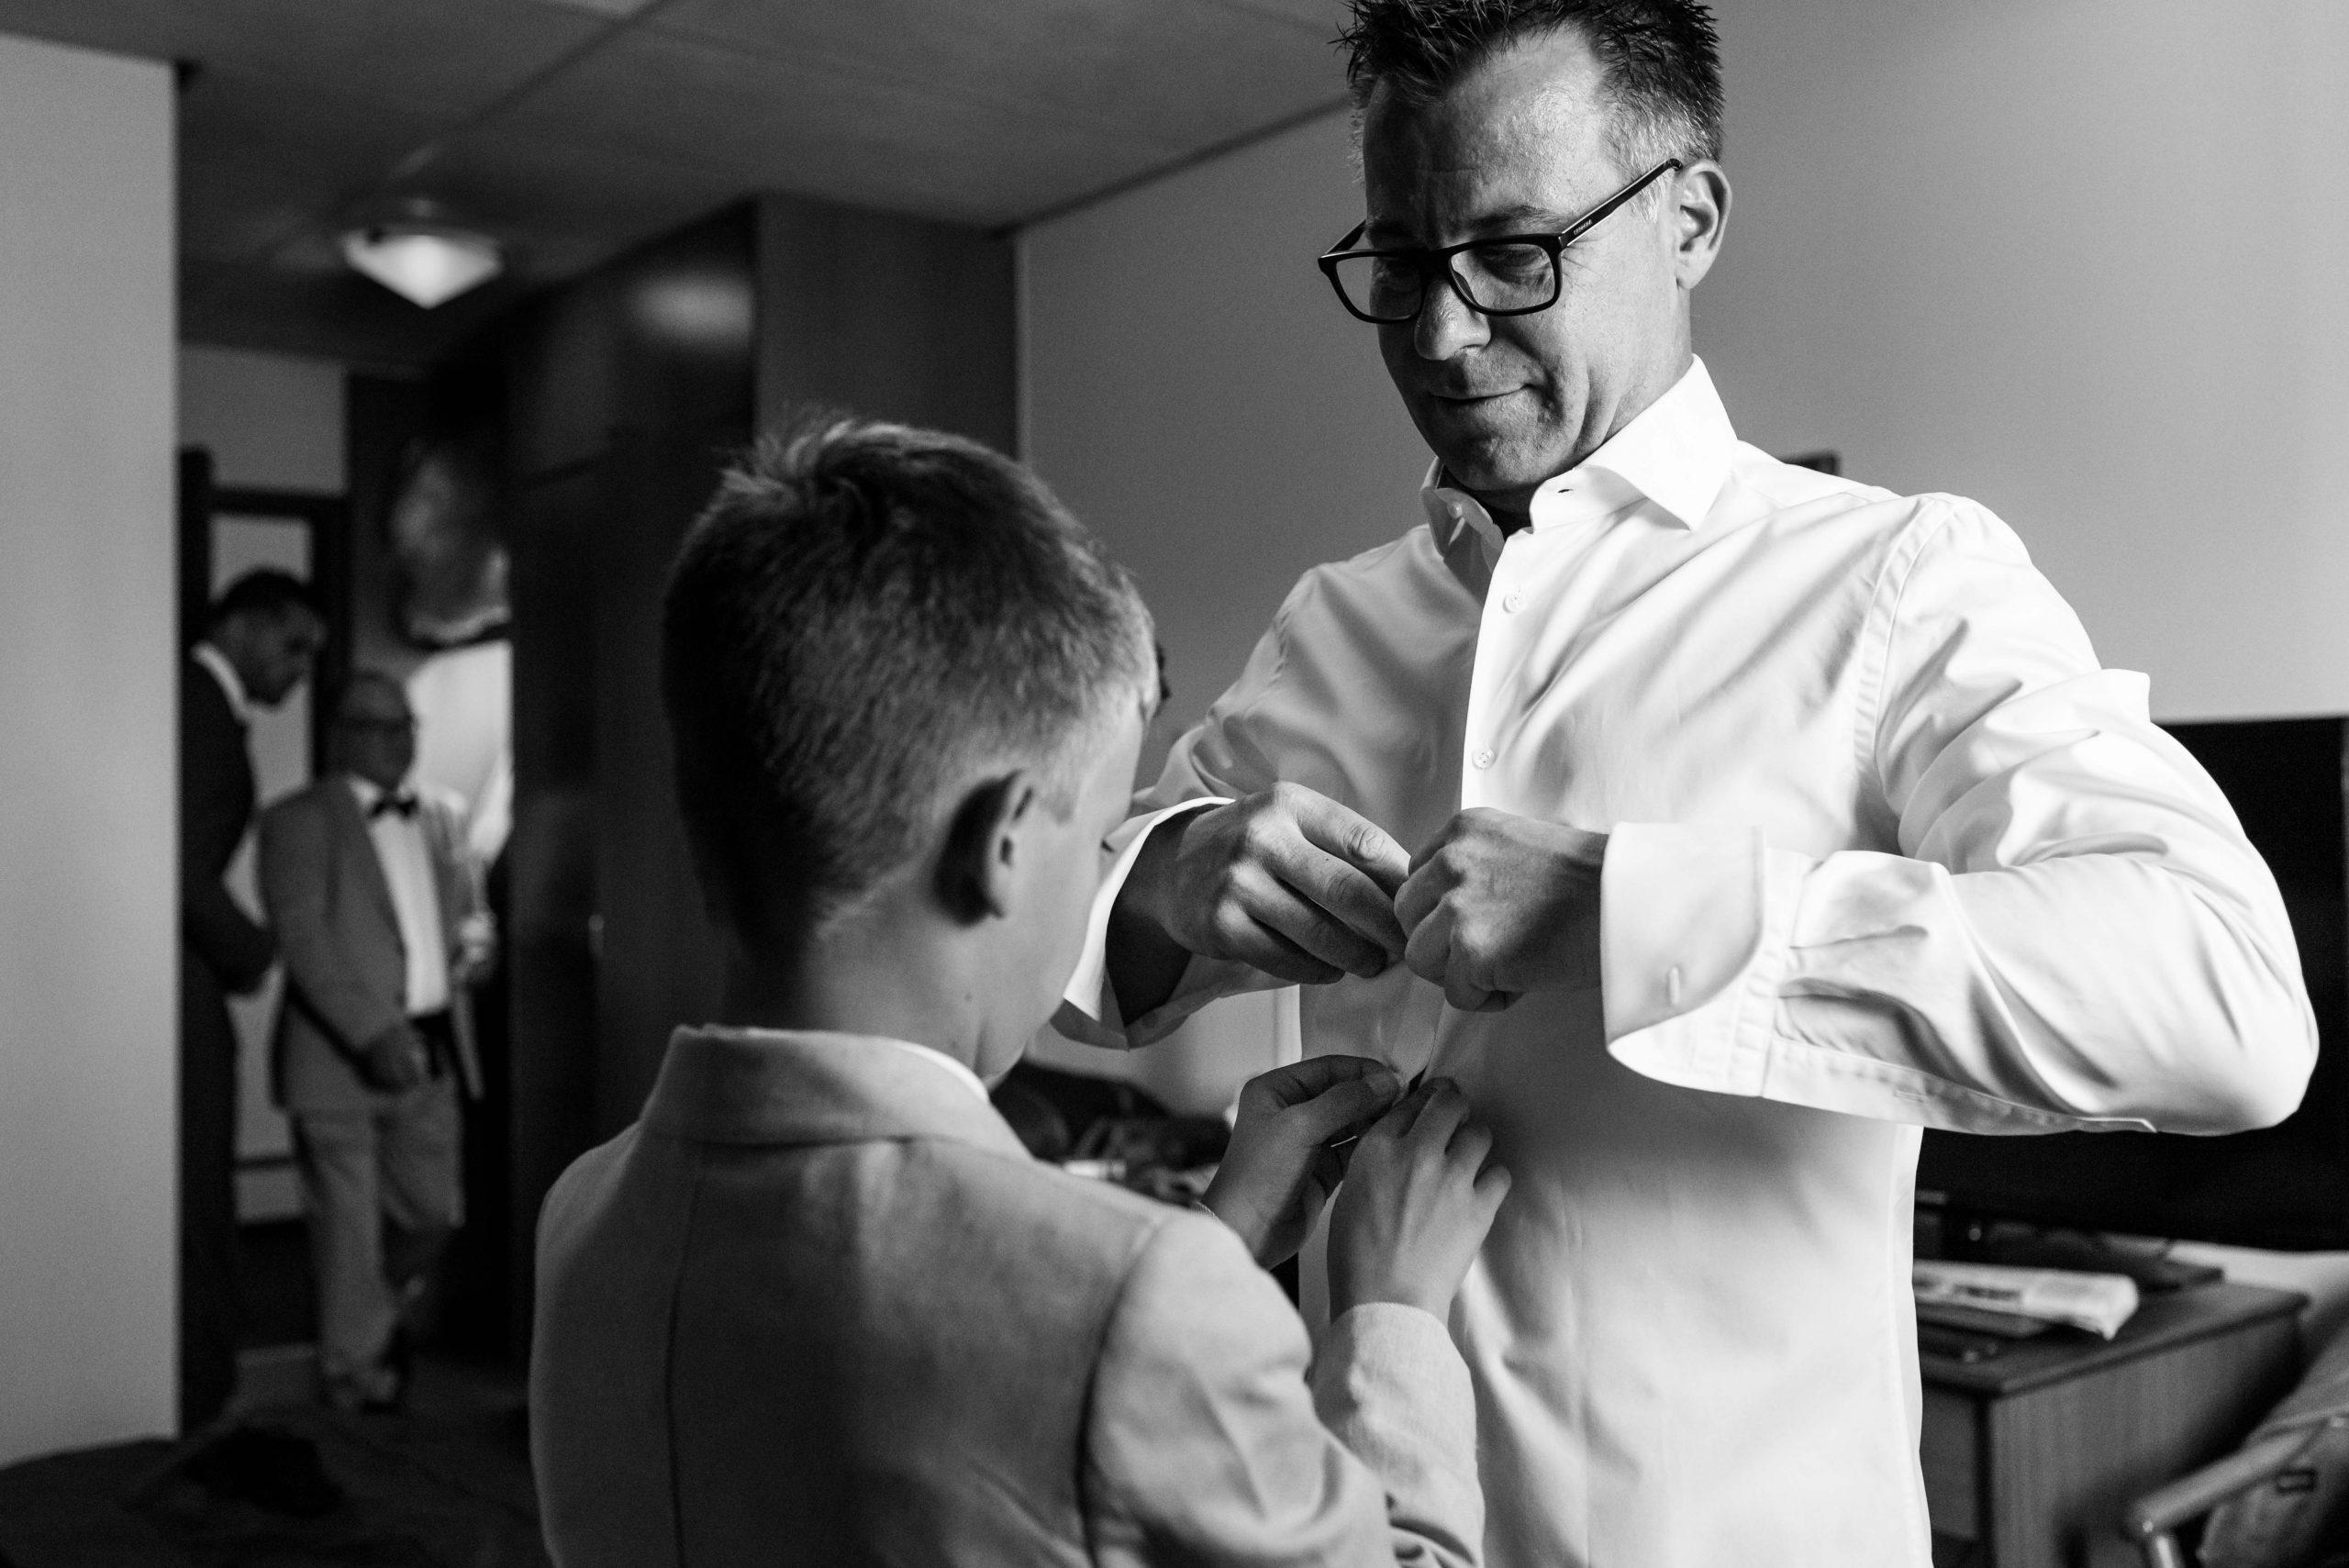 Bruidegom knoopt zijn overhemd dicht en zijn zoon helpt daarbij.